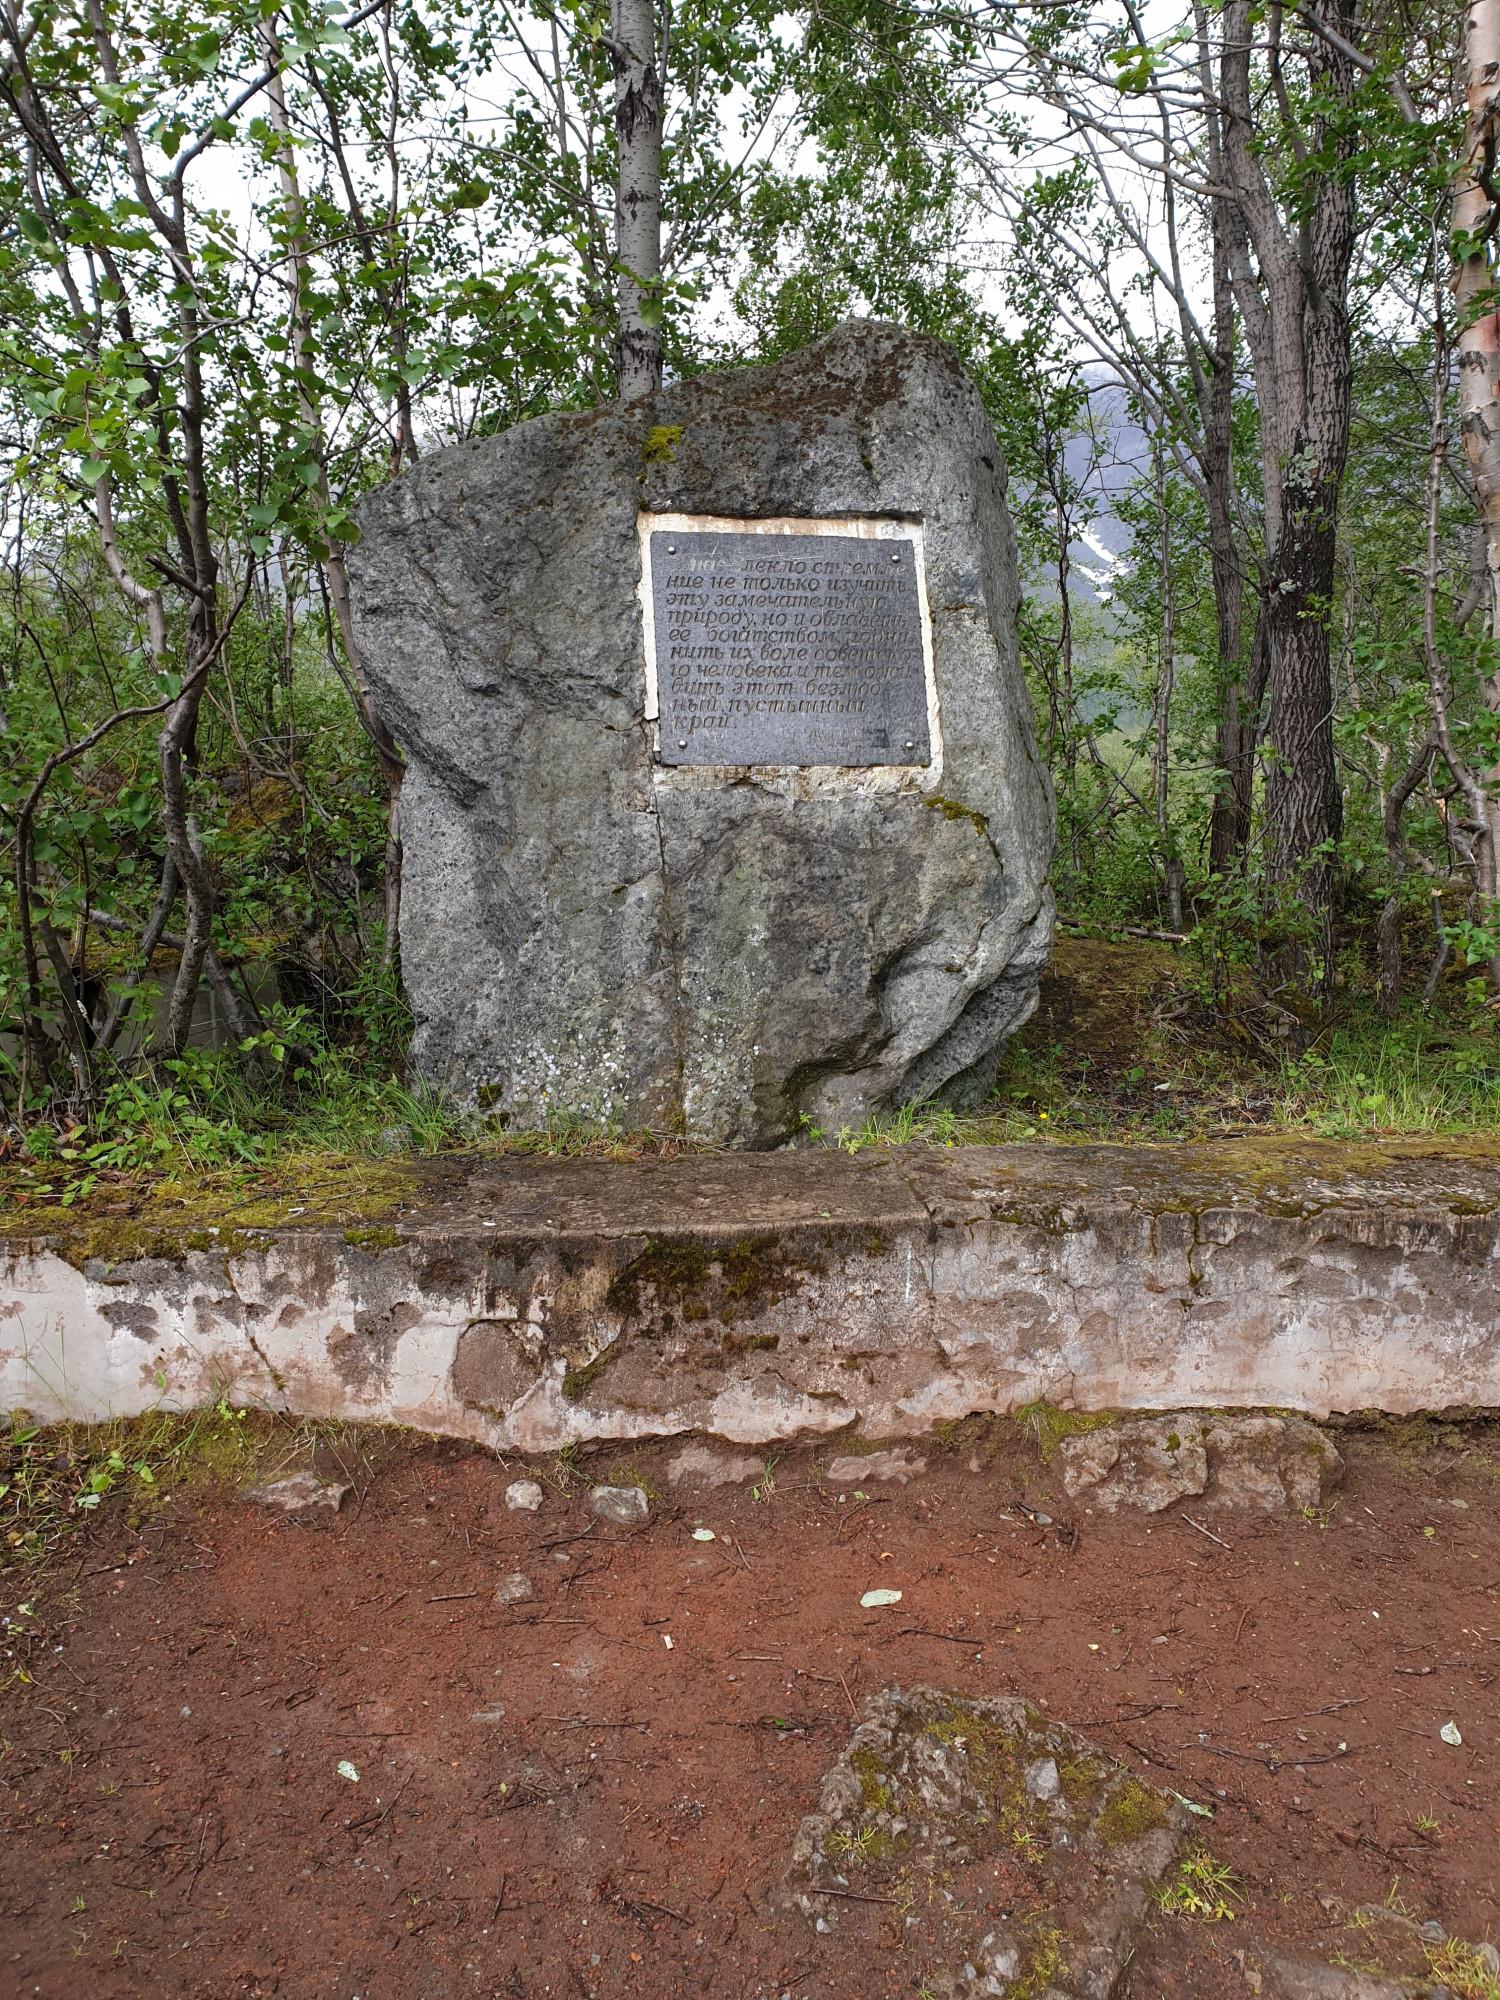 По дороге остановились у памятного камня, установленного на месте, где стояла научная станция Тиетта. С нее начиналось геологическое освоение Хибин (ну почти). Ее основателем был Ферсман.